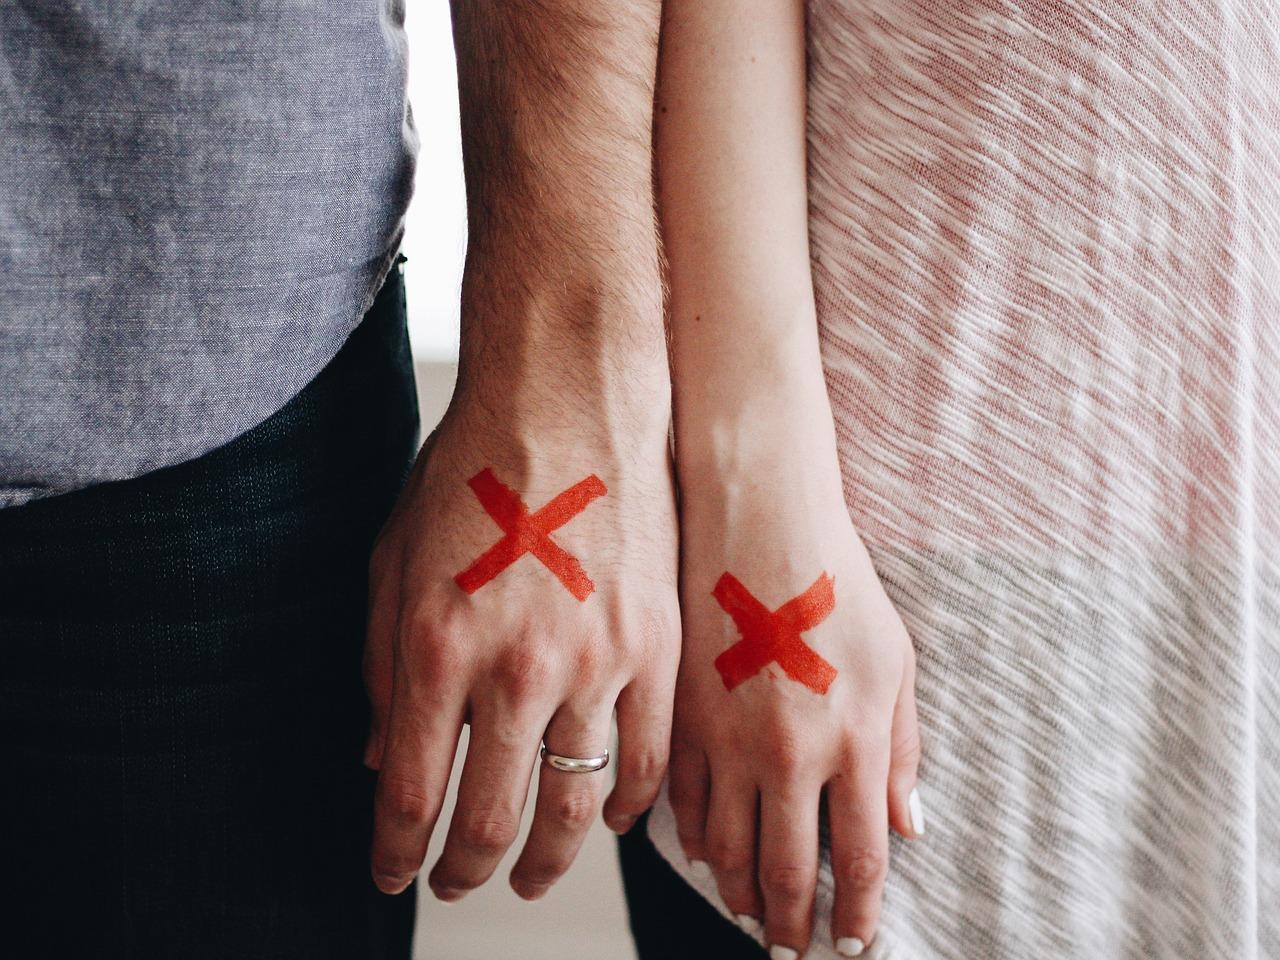 gestione divorzio separazione